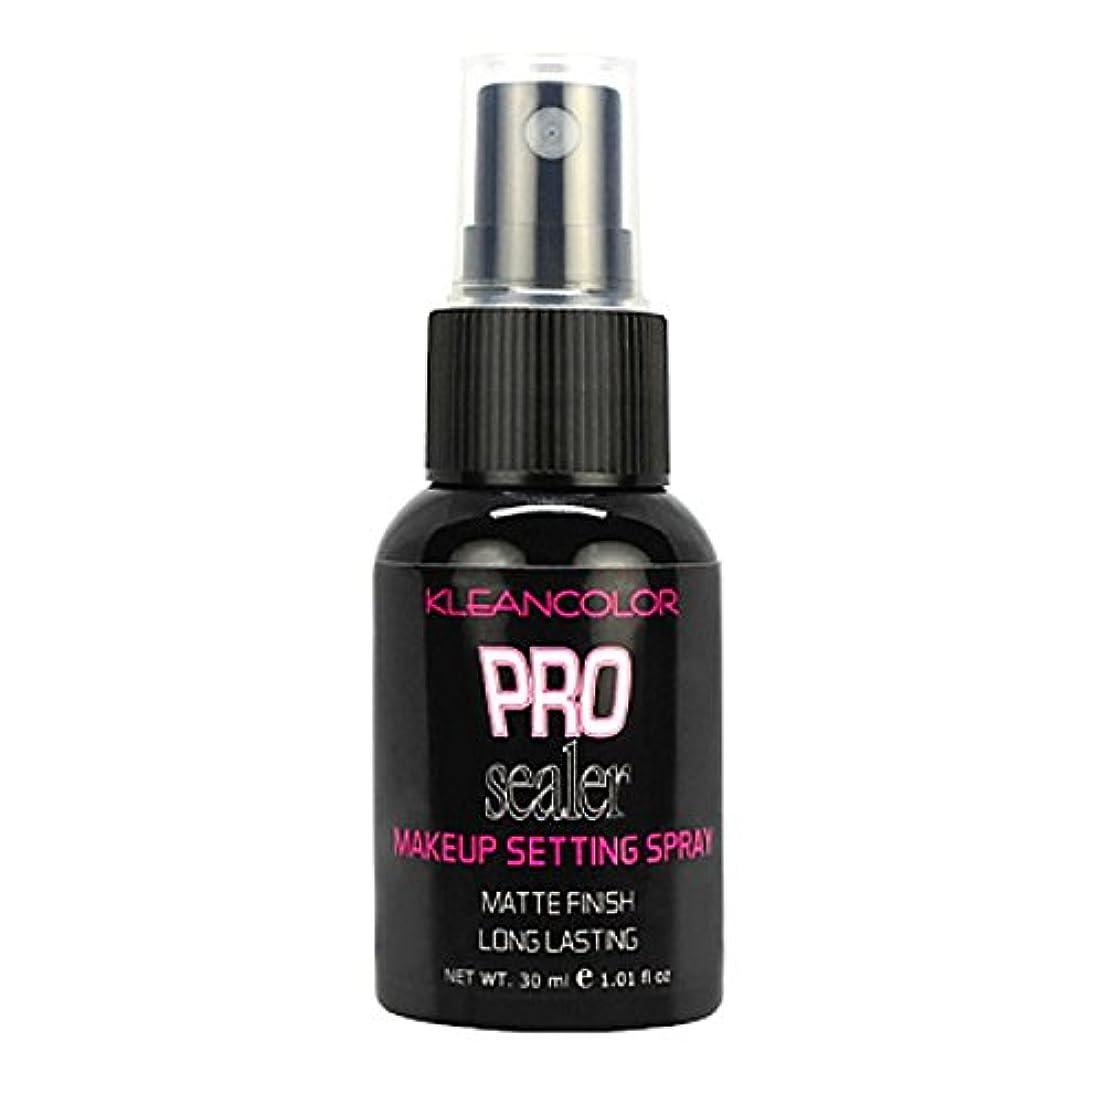 災難オペレーター熟読(6 Pack) KLEANCOLOR Pro Sealer Makeup Setting Spray - Matte Finish (並行輸入品)